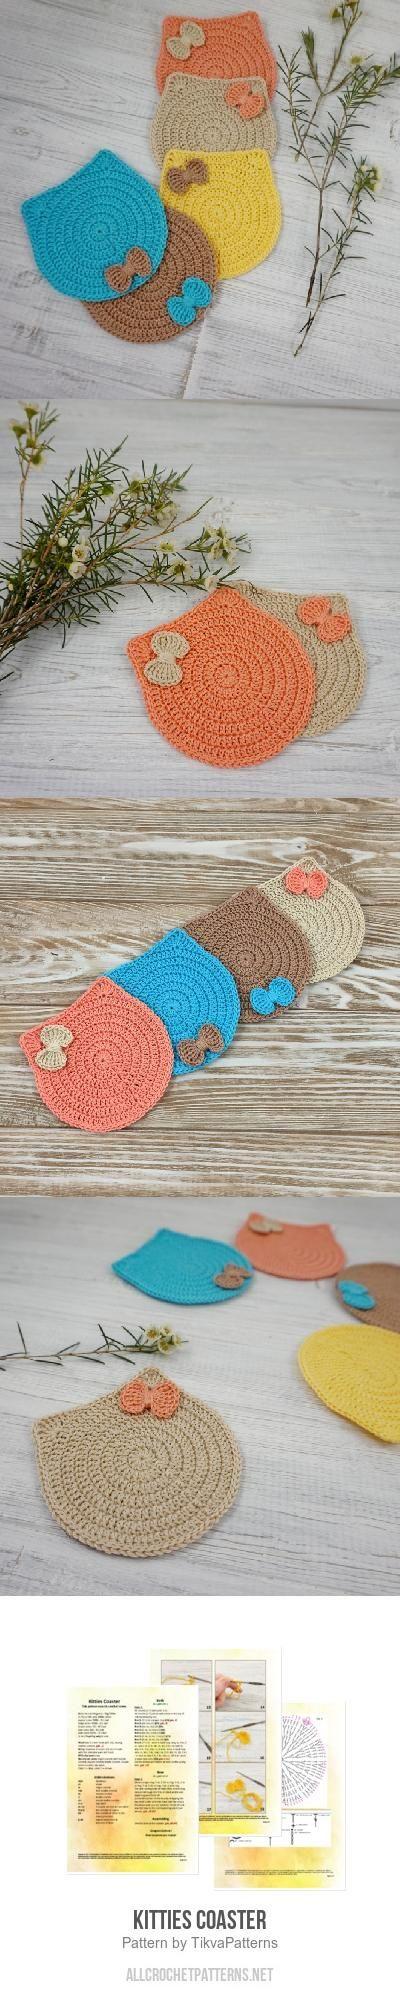 Kitties Coaster crochet pattern